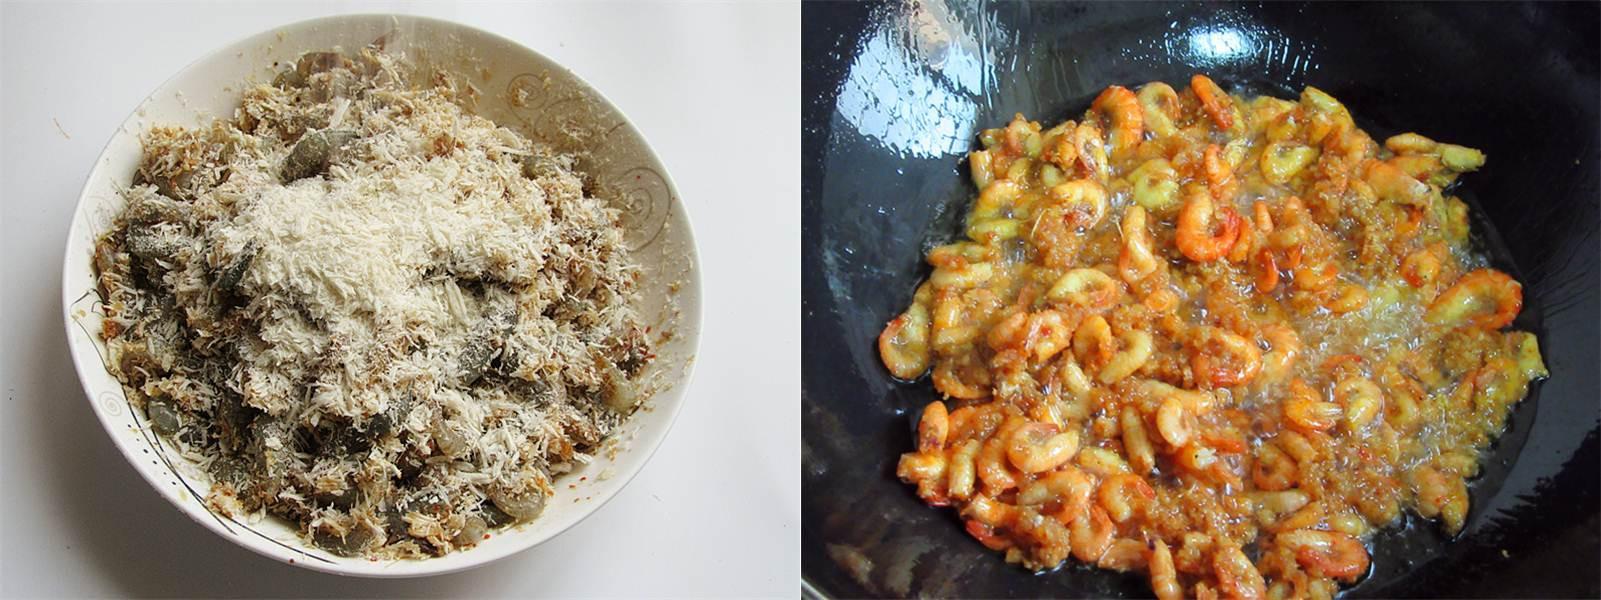 Mách bạn cách làm món tôm rang tỏi ớt đậm đà ngon cơm - Ảnh 3